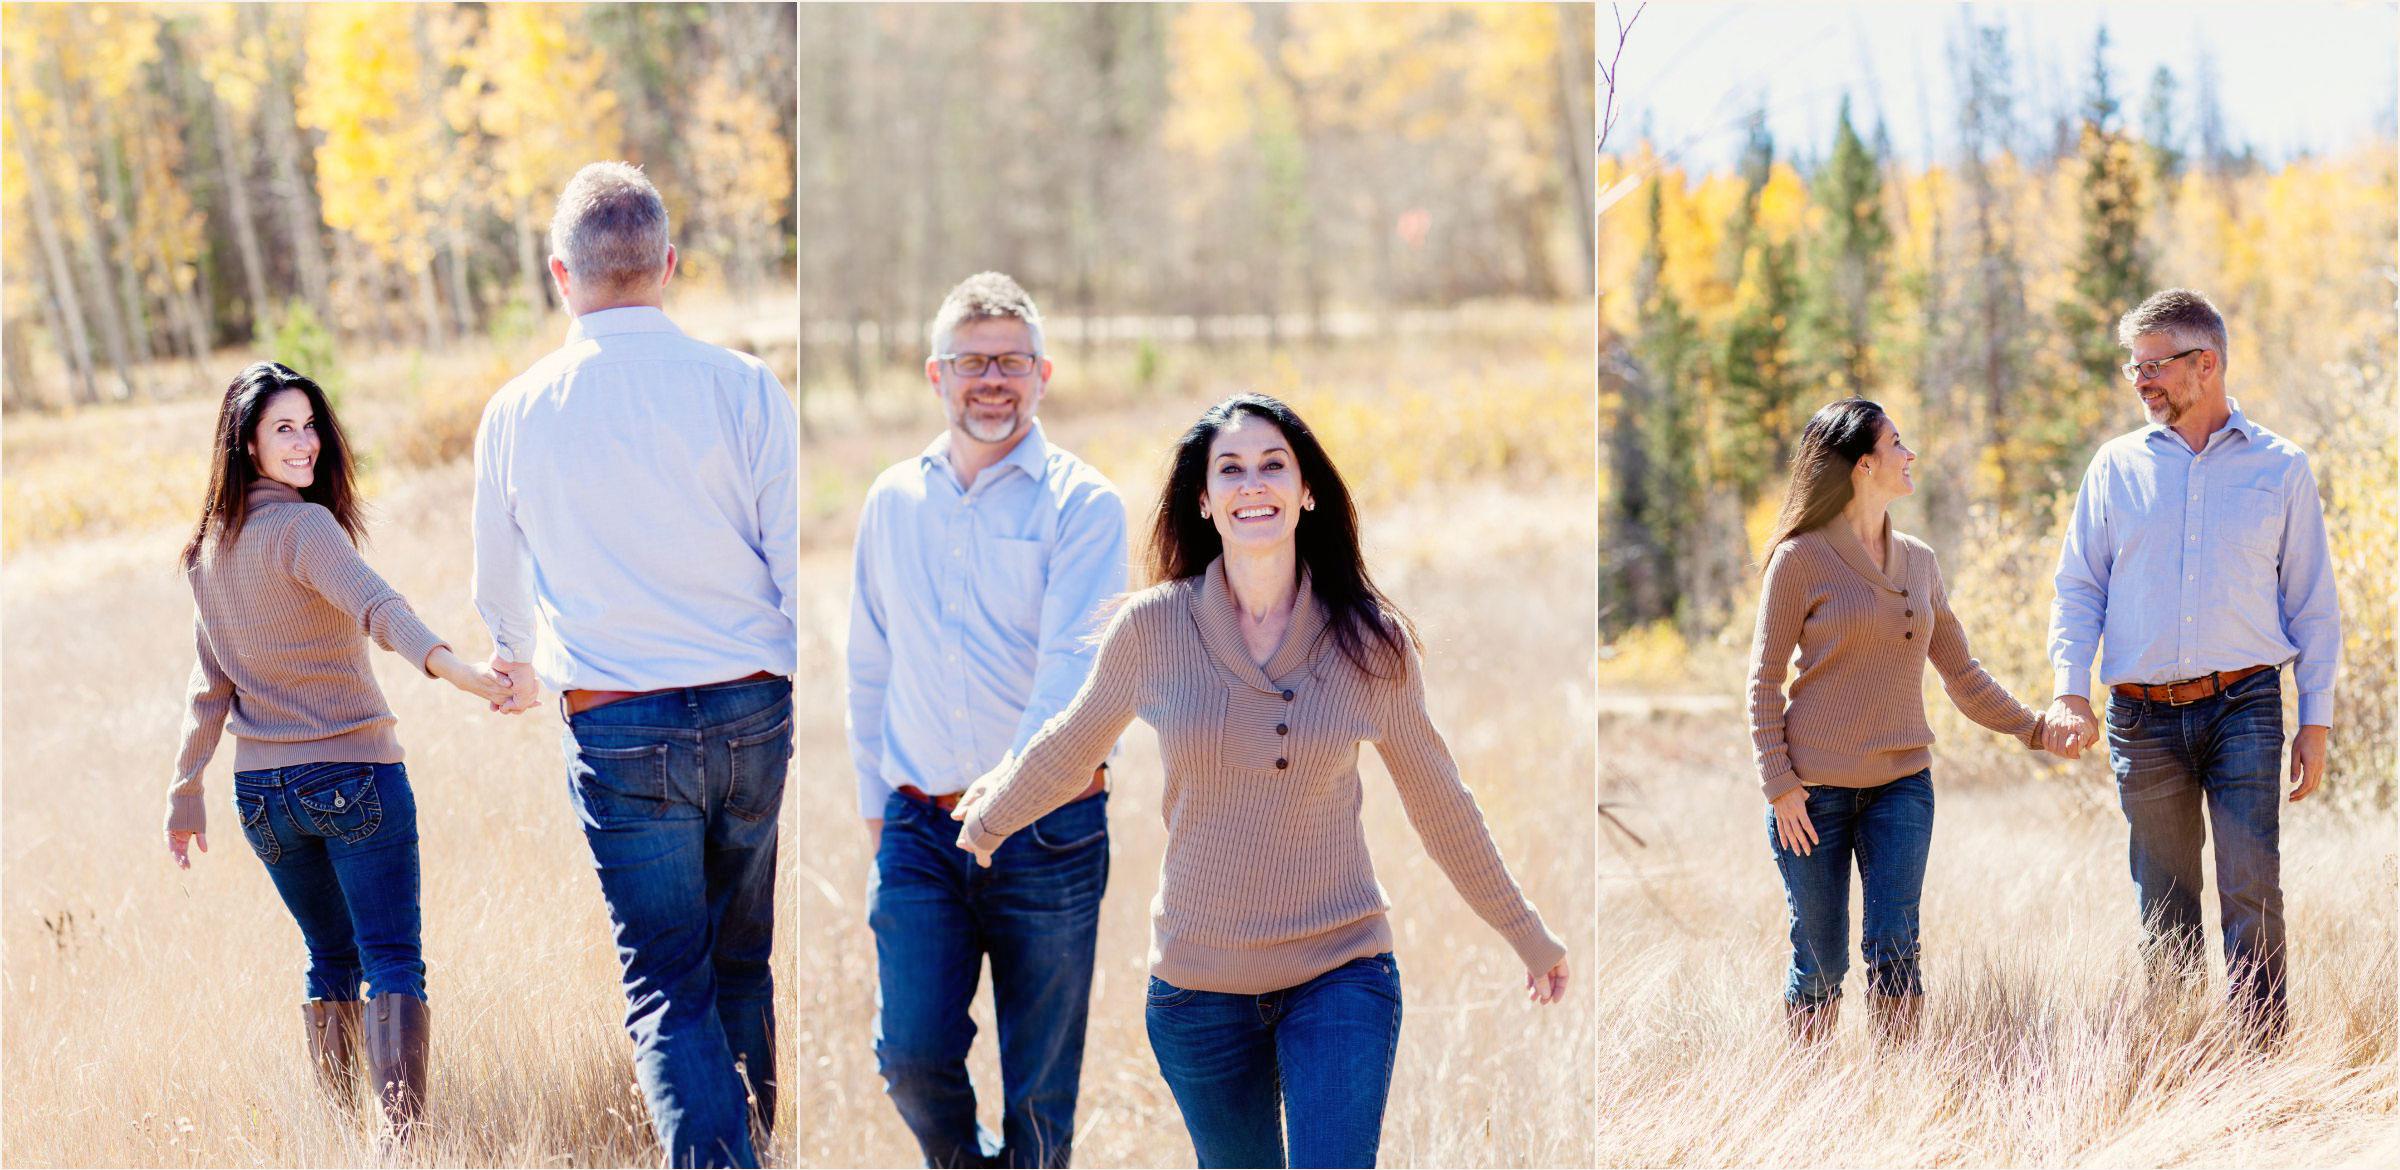 05-Denver-Family-Photography.jpg